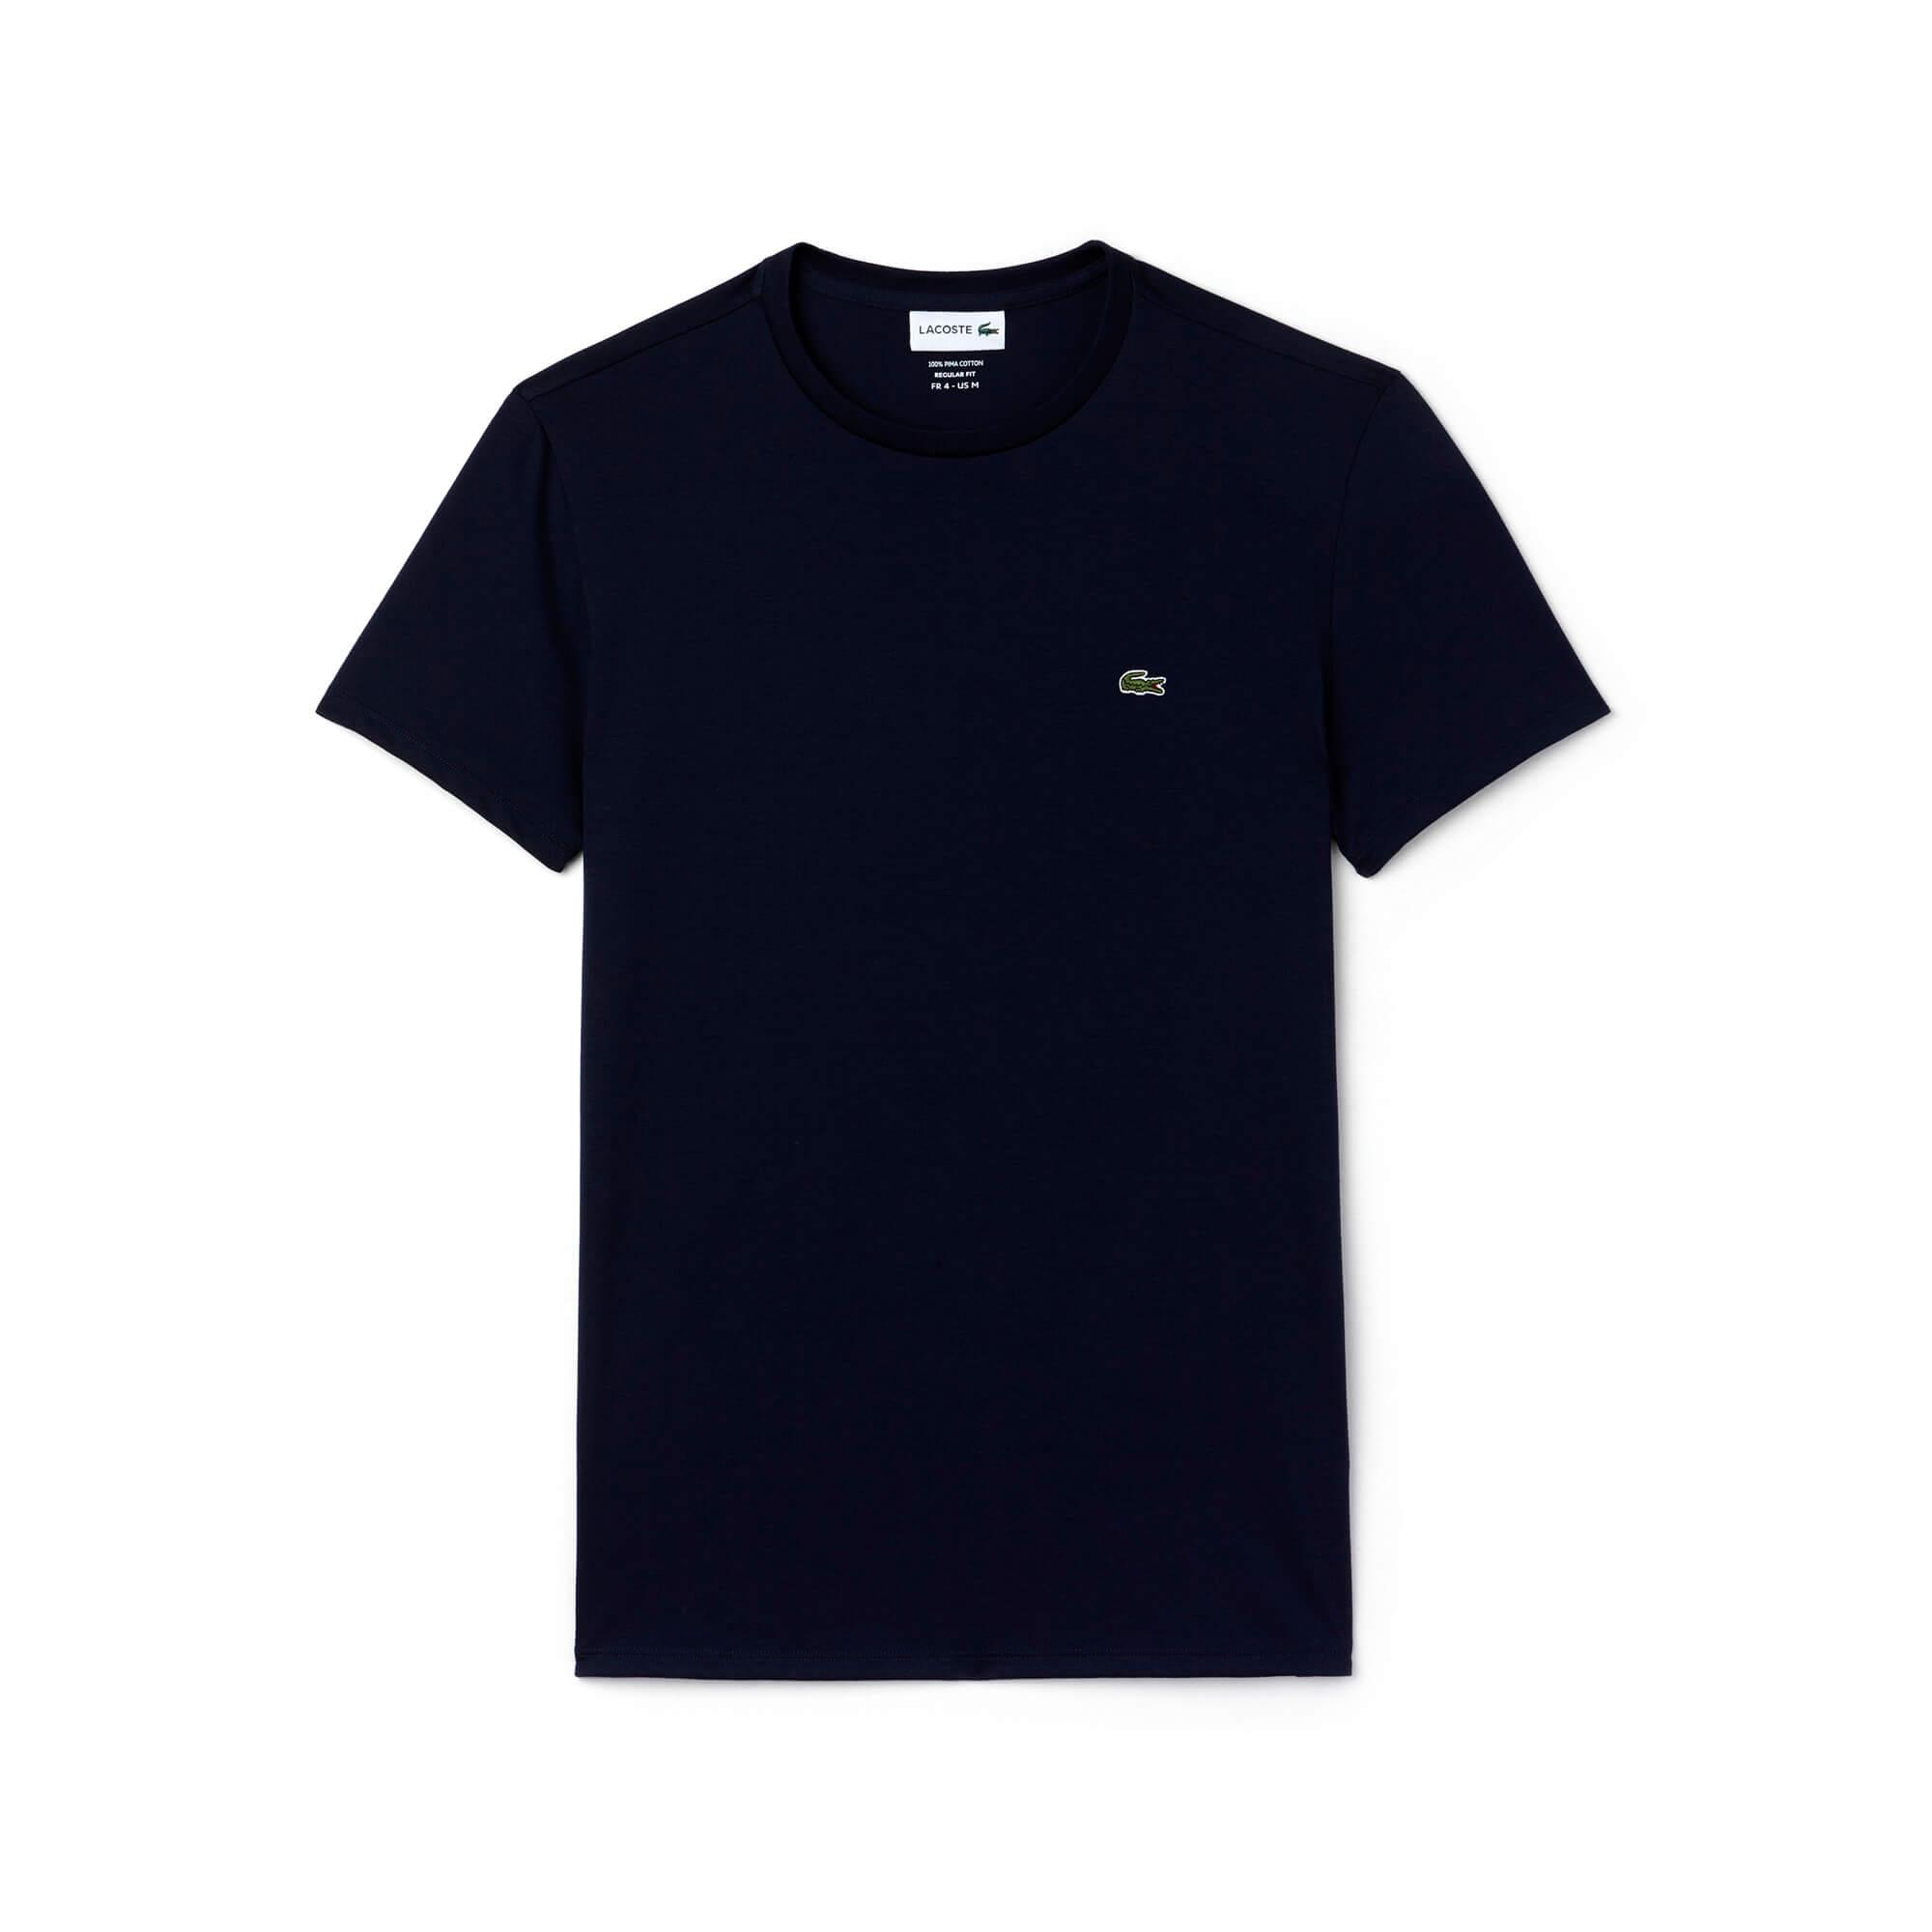 Lacoste Men's Crew Neck Pima Cotton Jersey T-Shirt